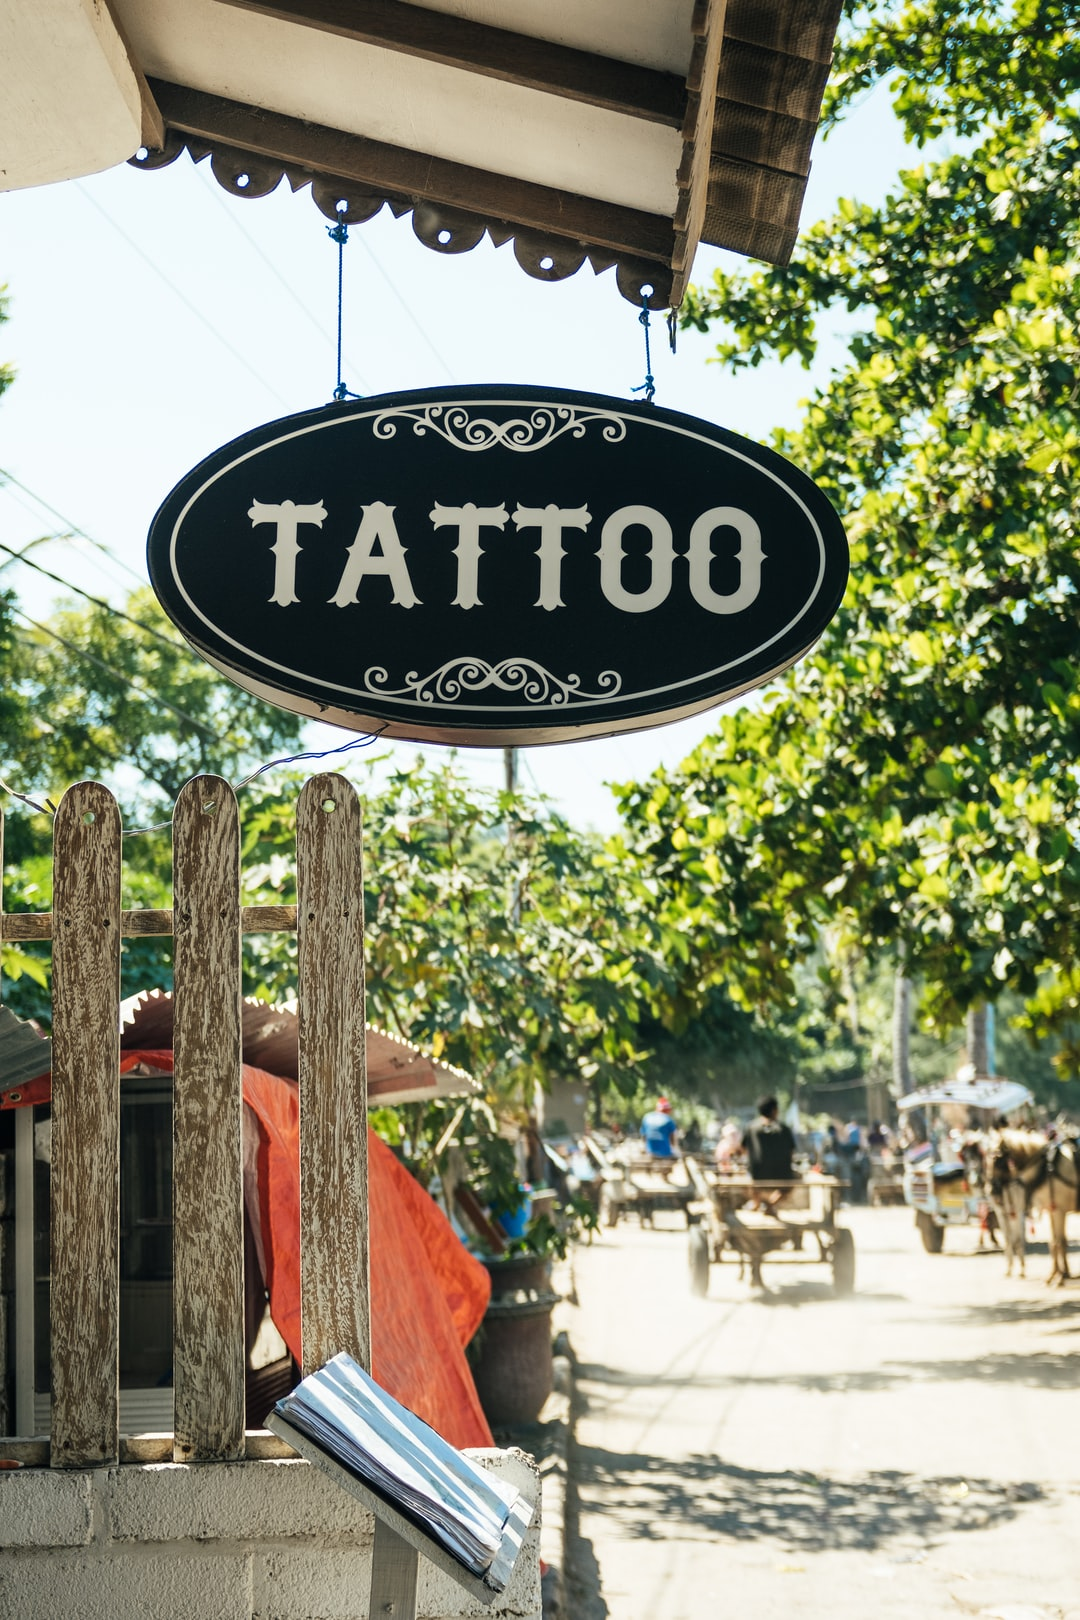 Tattoo shop in Gili Air